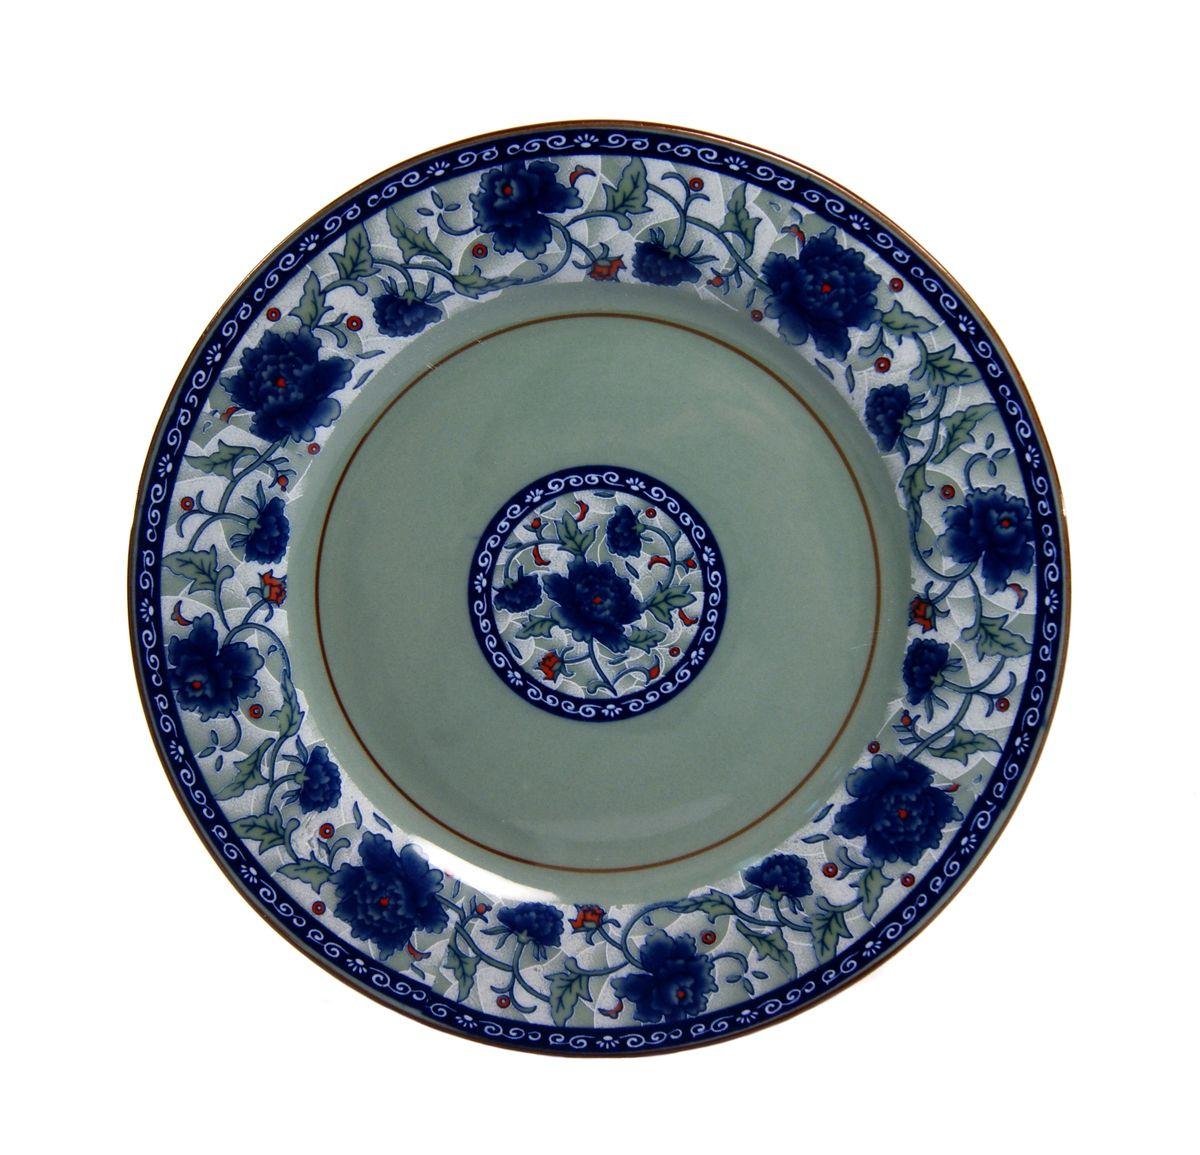 """Десертная тарелка Nanshan Porcelain """"Харбин"""" изготовлена из высококачественной керамики. Предназначено для красивой подачи различных блюд. Посуда безопасна для здоровья и окружающей среды. Внутренние стенки оформлены изящным узором. Такая тарелка украсит сервировку стола и подчеркнет прекрасный вкус хозяйки.Можно мыть в посудомоечной машине и использовать в микроволновой печи. Диаметр: 17,5 см.Высота: 1,5 см."""